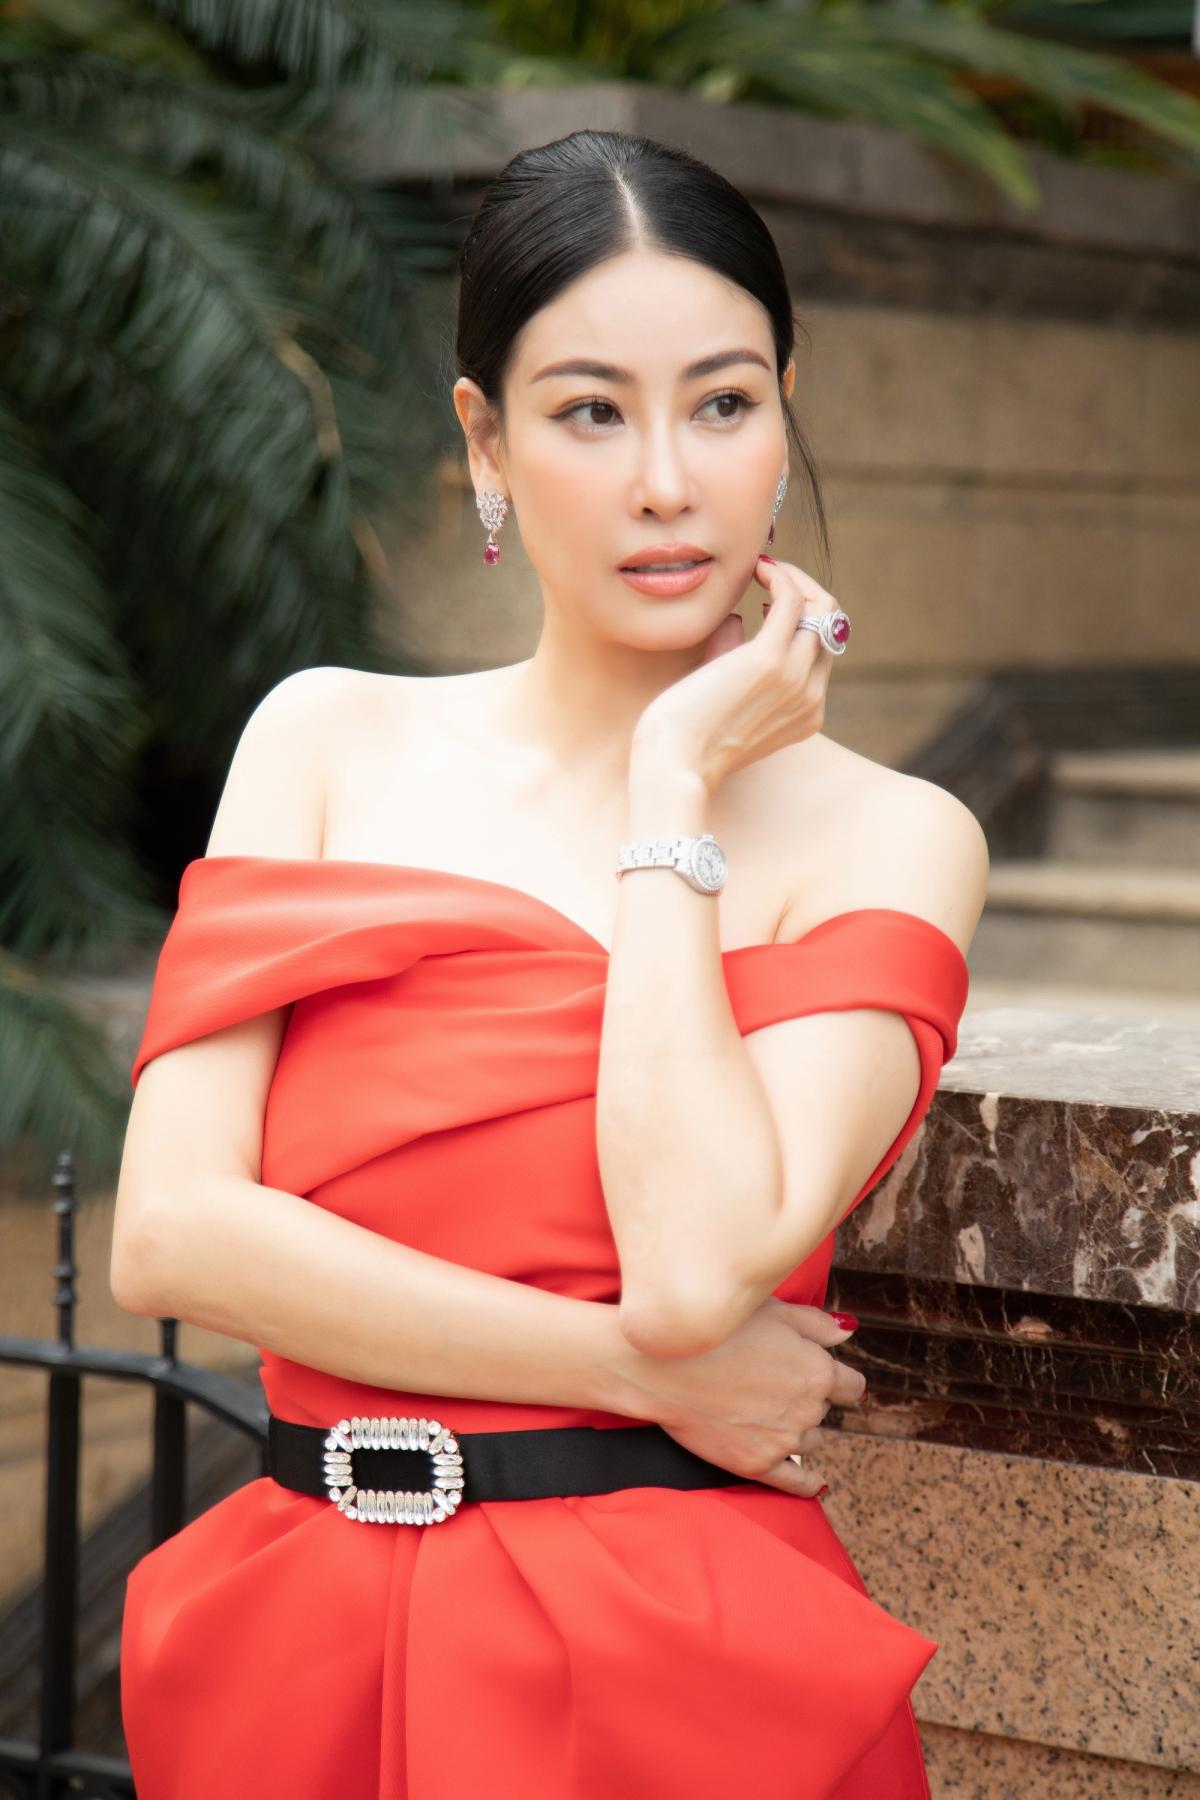 Hoa hậu Hà Kiều Anh diện chiếc váy trễ vai, phom bất đối xứng được tạo nên từ những đường gấp nếp tinh tế, một nét đặc trưng trong thiết kế của Đỗ Mạnh Cường.